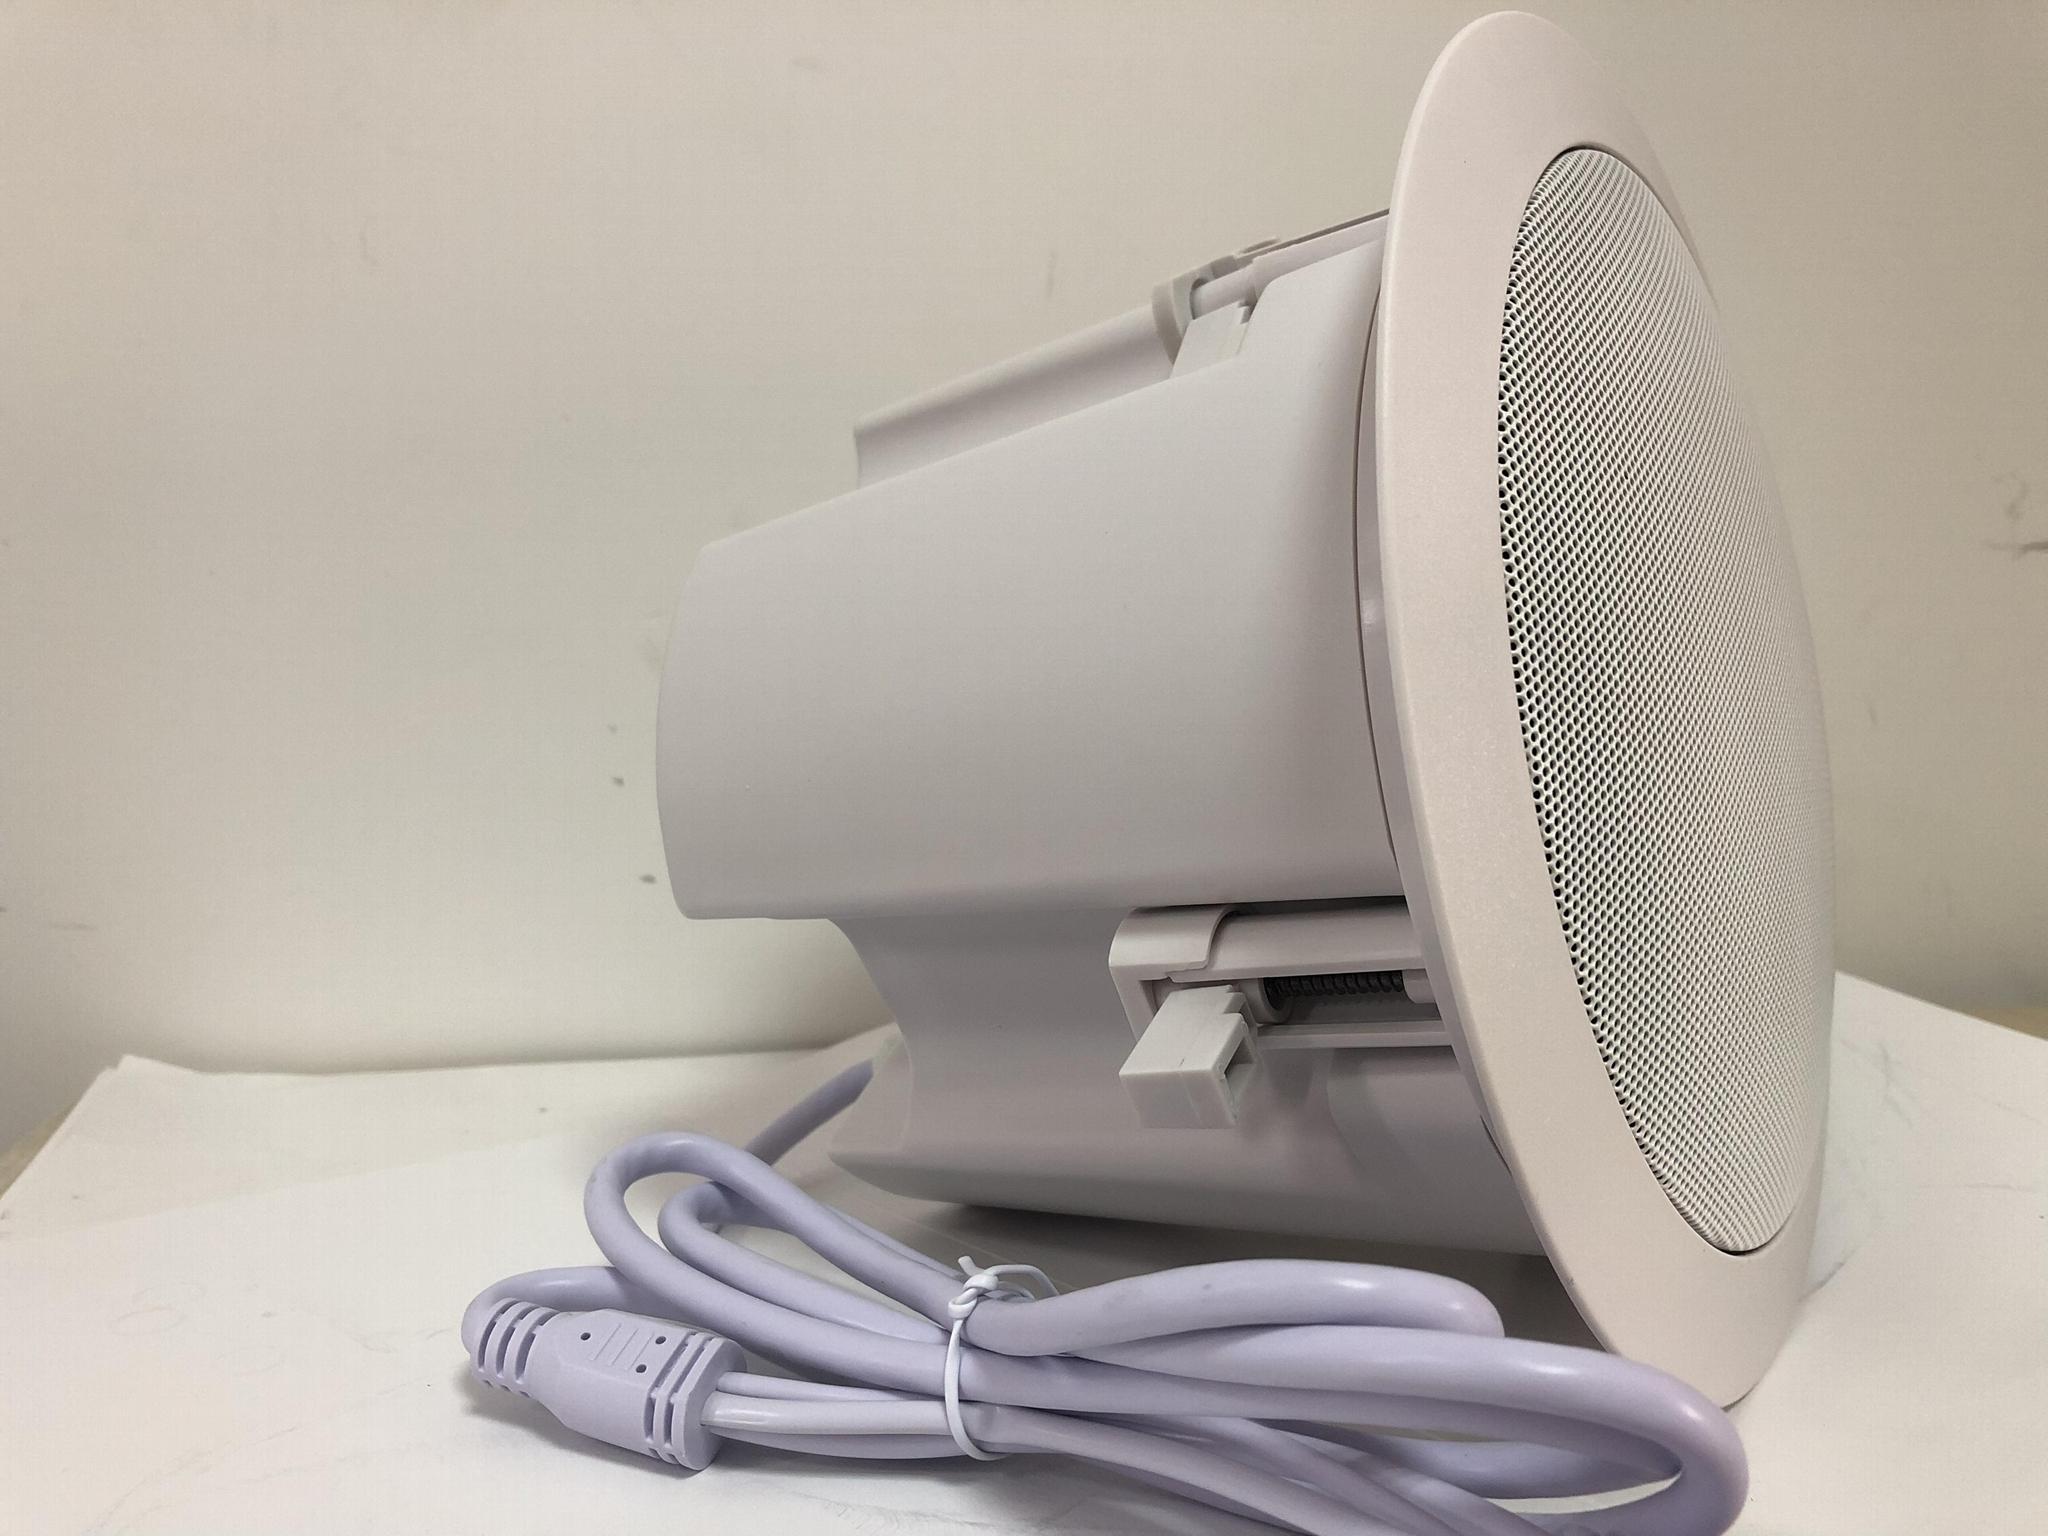 IP PA Network POE Ceiling Speaker 15W 3